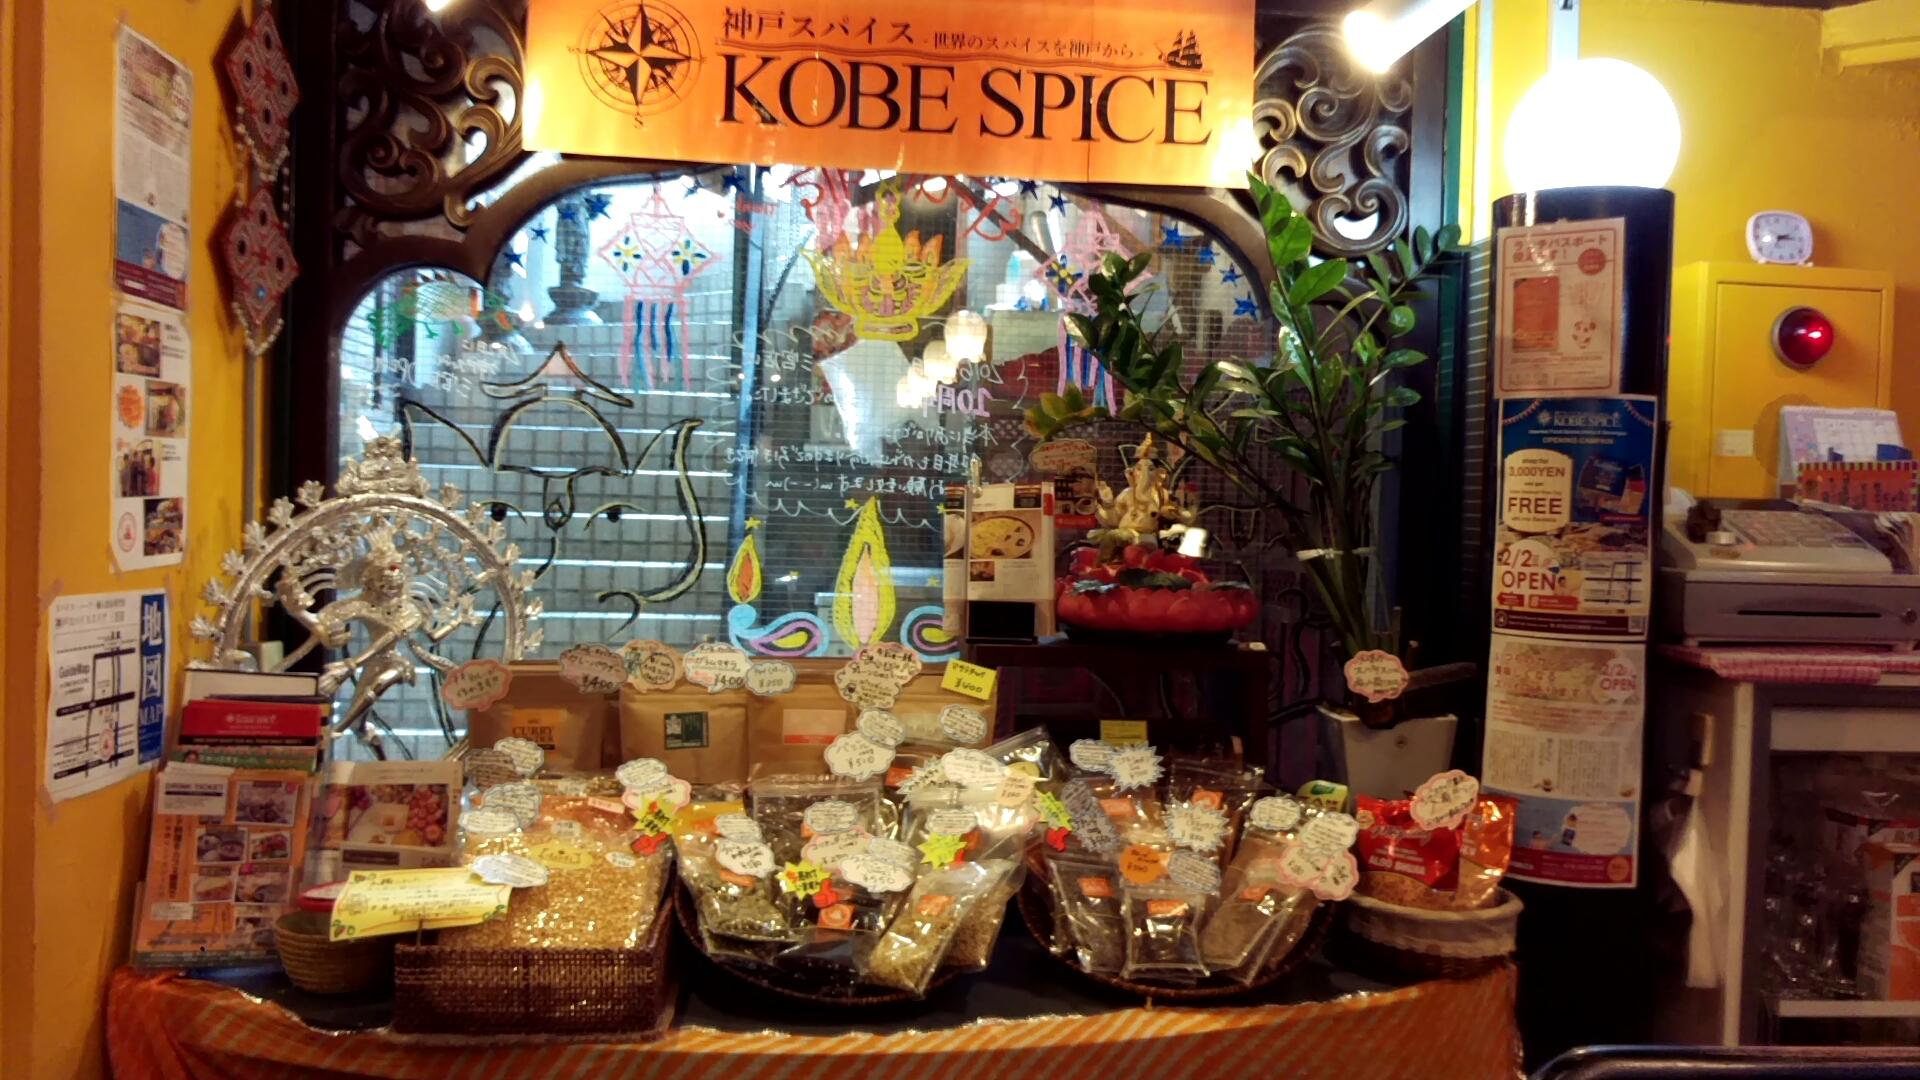 神戸スパイスさんの商品がある